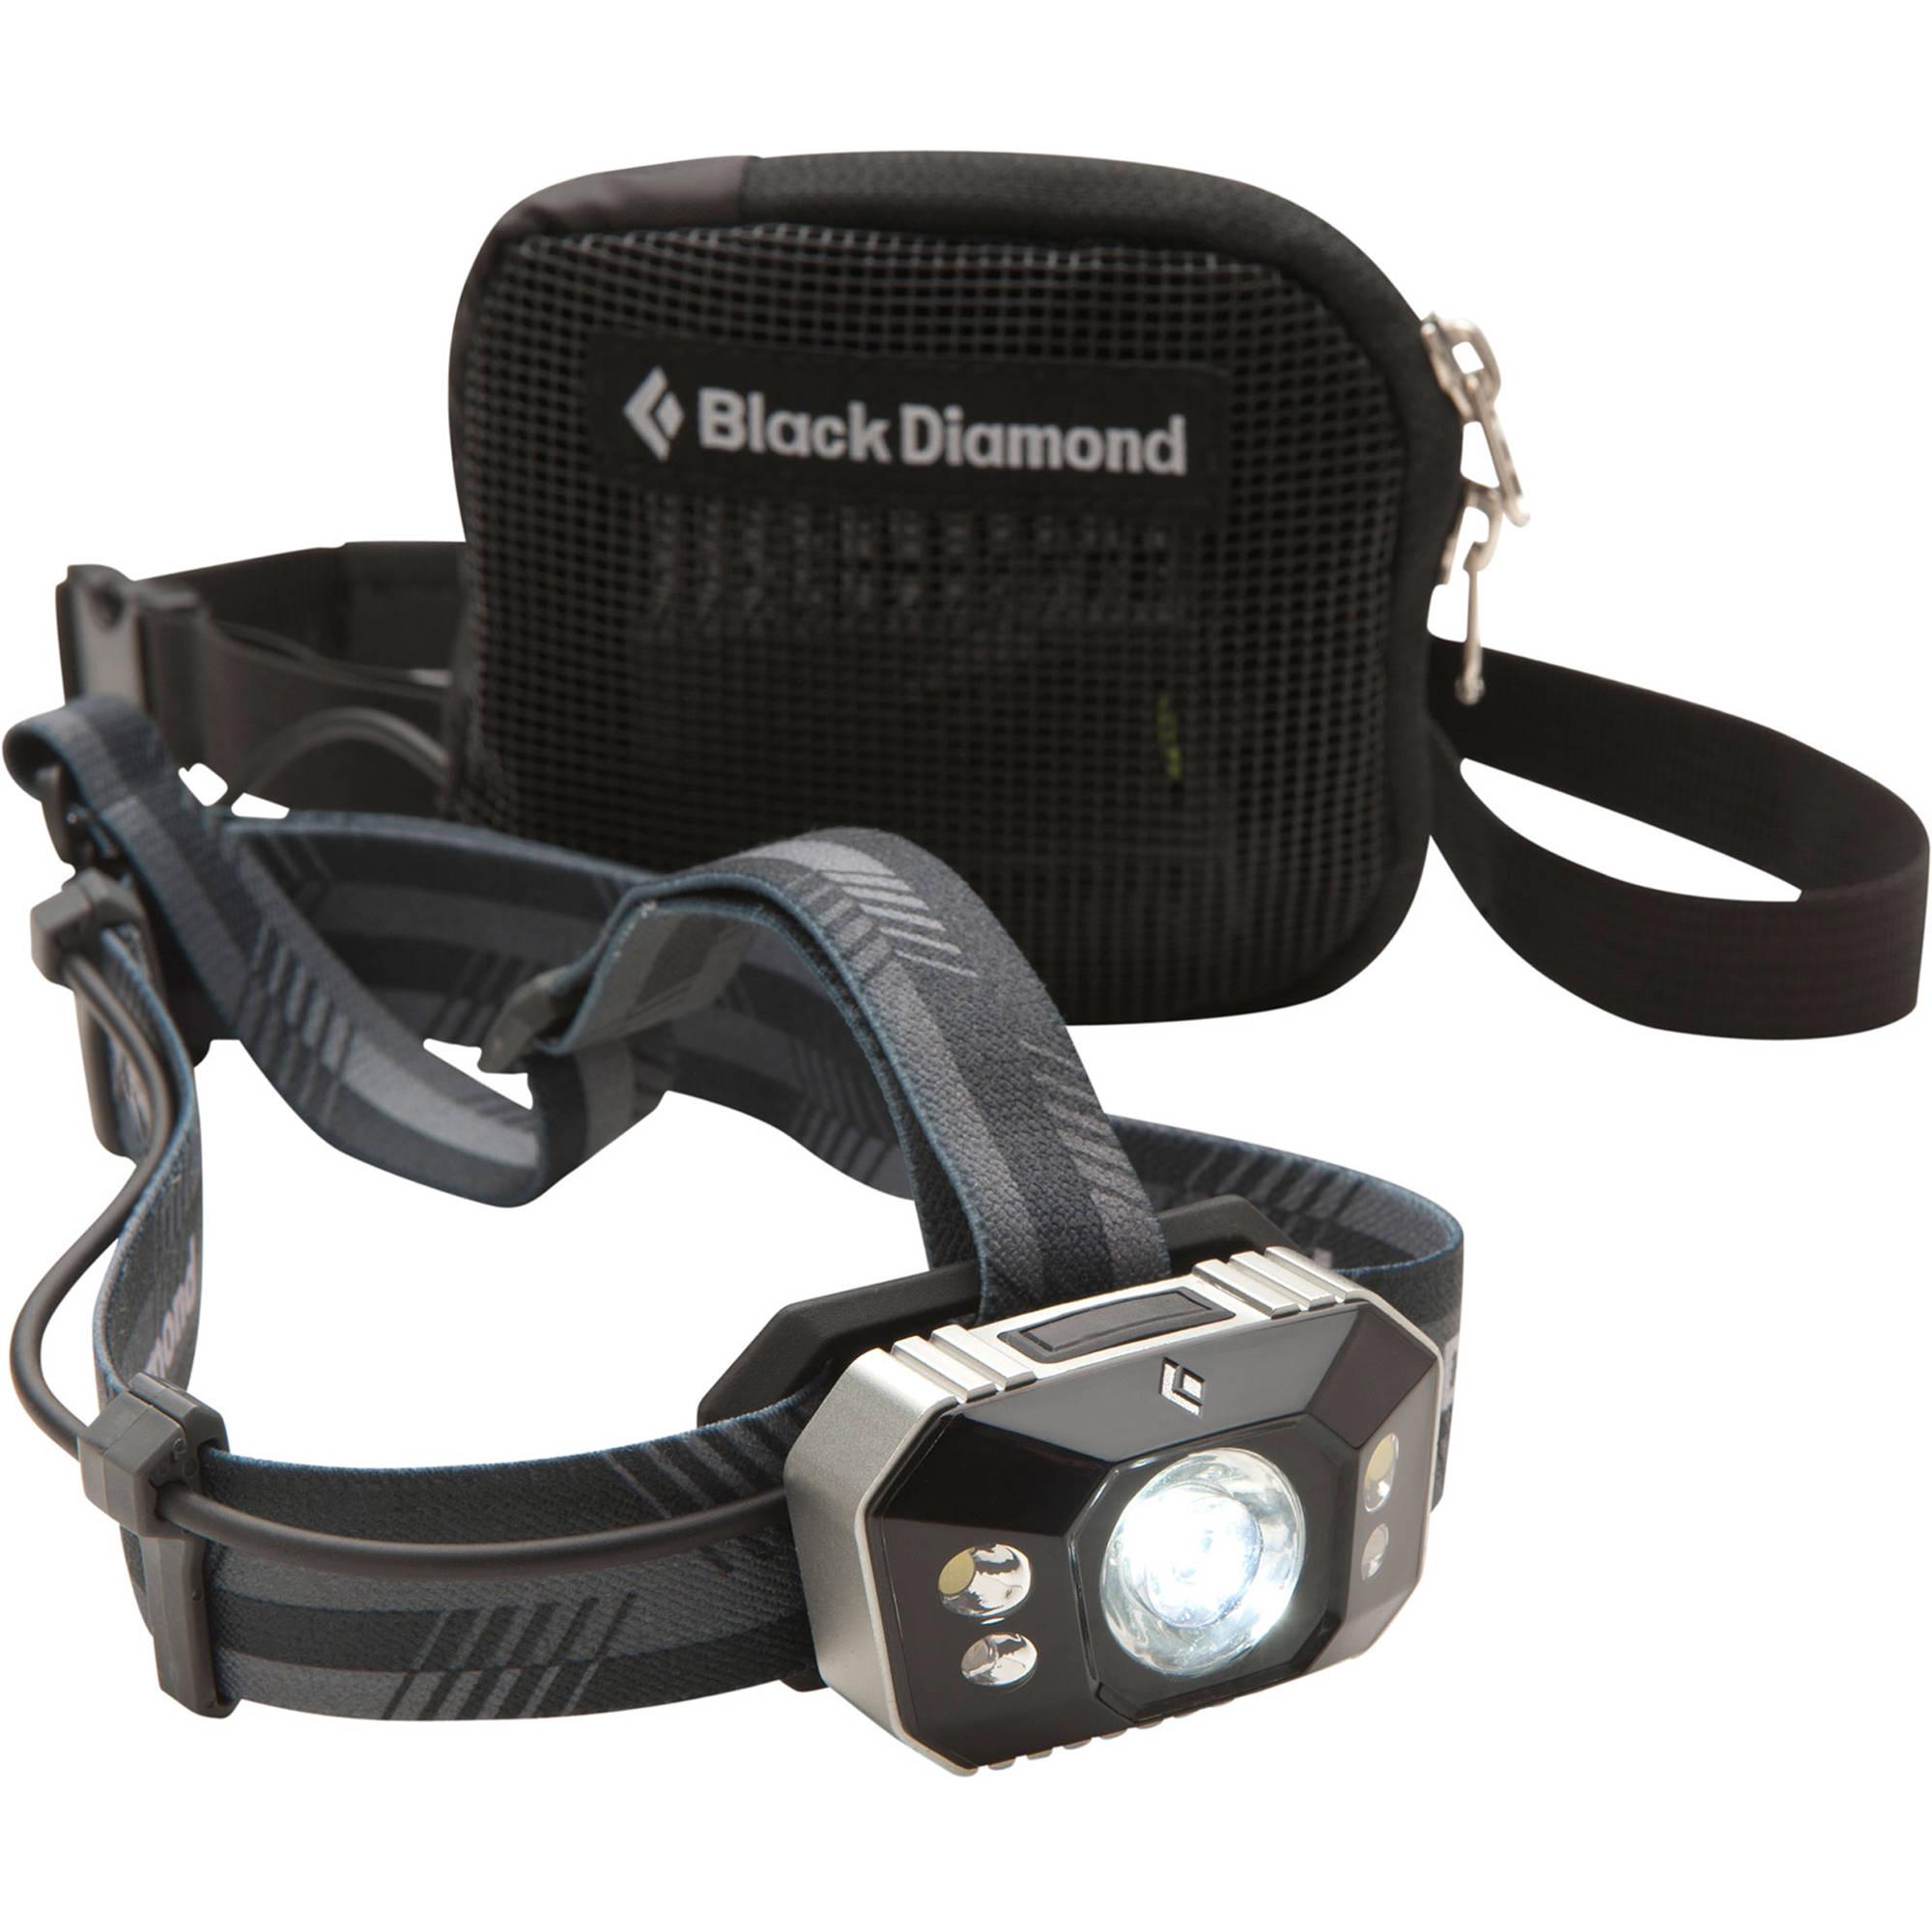 Black Head Lamp Head Light Left  & Right For Mitsubishi Pajero Montero 3 III 2000 - 2008 MN133749 MN133750